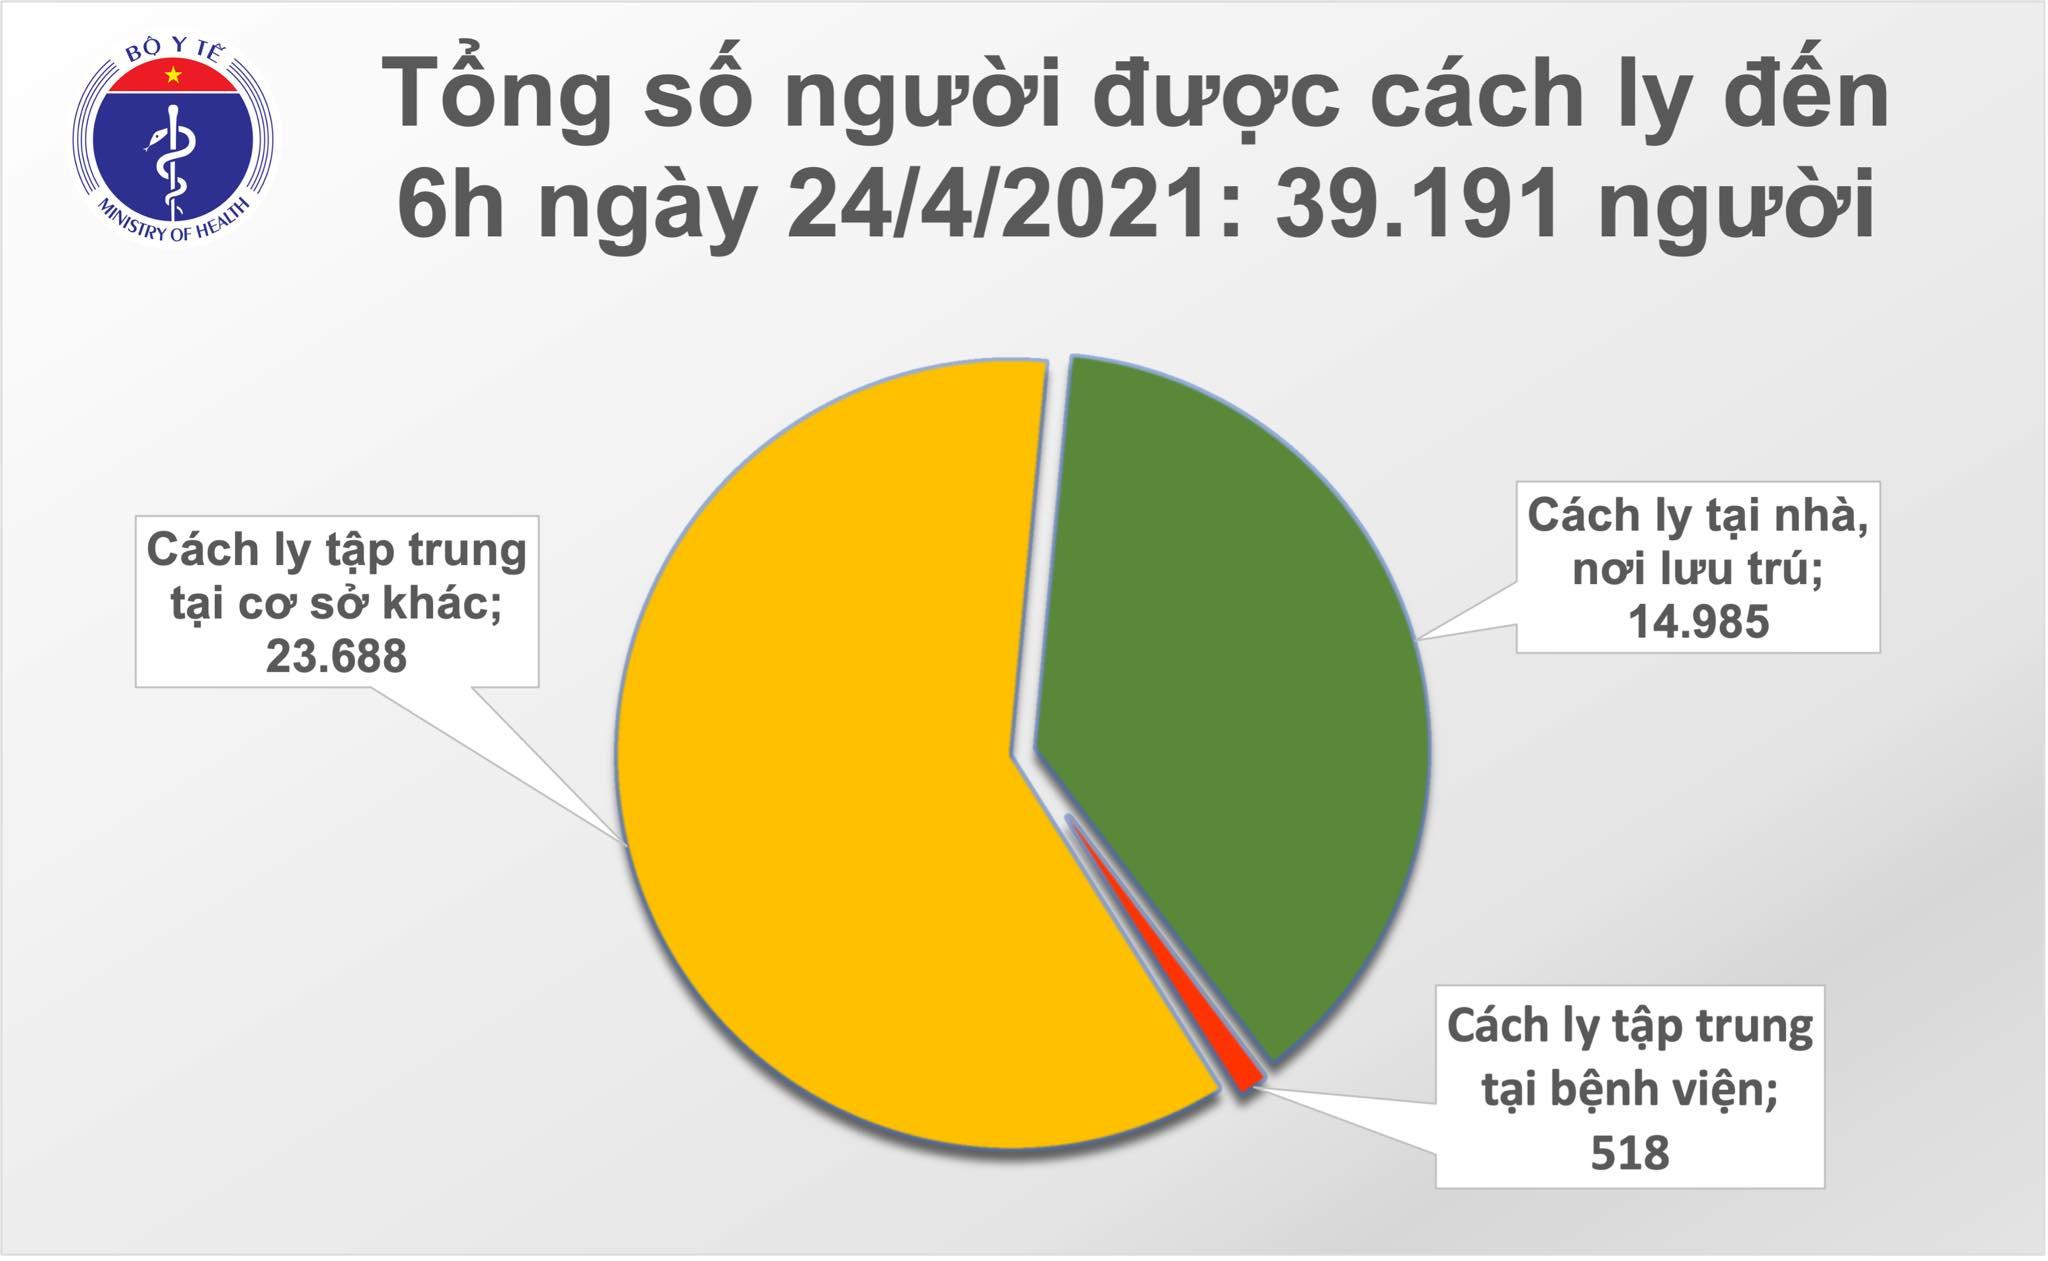 Sáng 24/4: Việt Nam thêm 2 ca mắc COVID-19, thế giới đã trên 146,1 triệu ca - Ảnh 2.